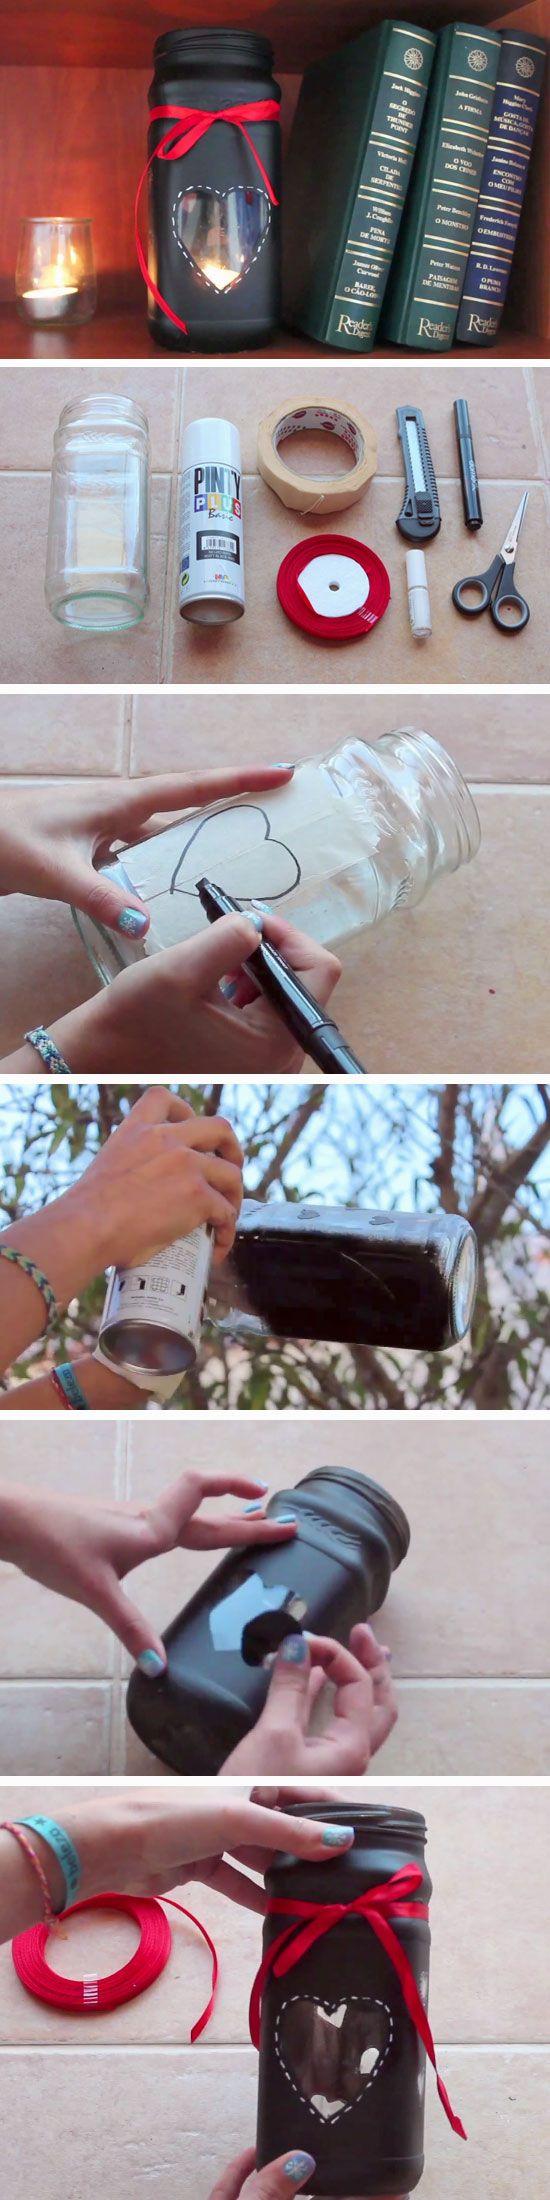 Heart Candle Jar   DIY Valentines Mason Jar Crafts for Him   Easy Gifts in a Jar Ideas for Boyfriend